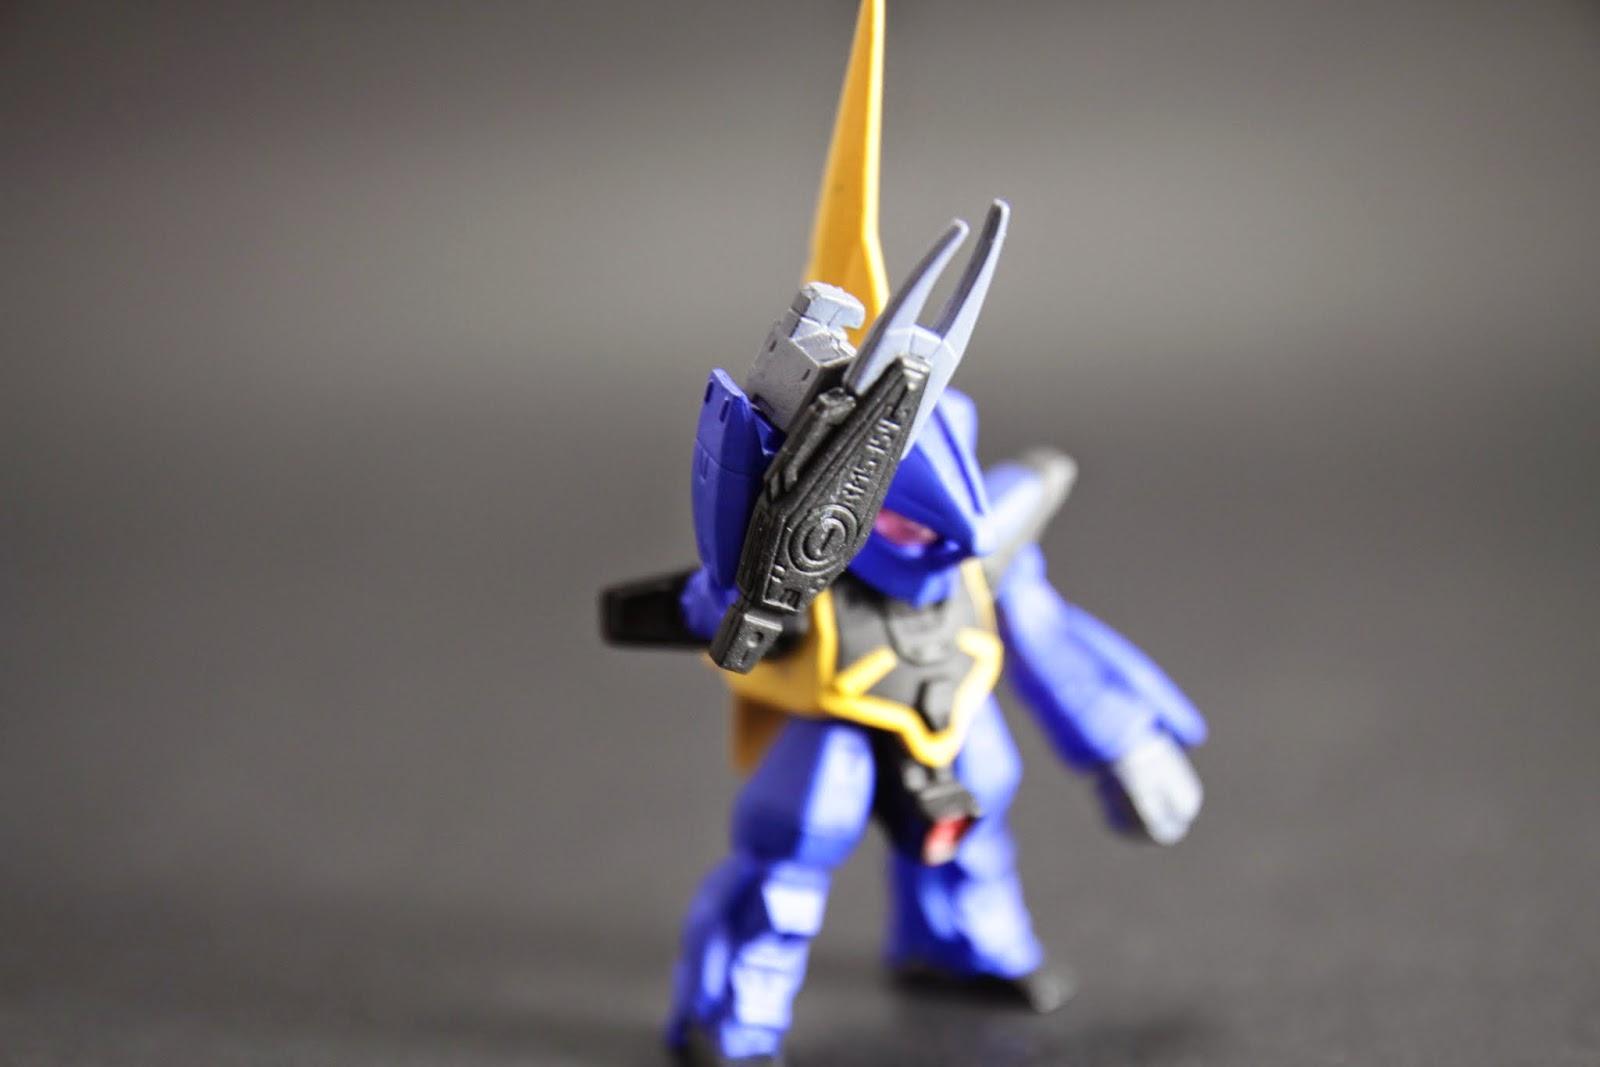 武器非常有趣 大概是魚叉~(笑)